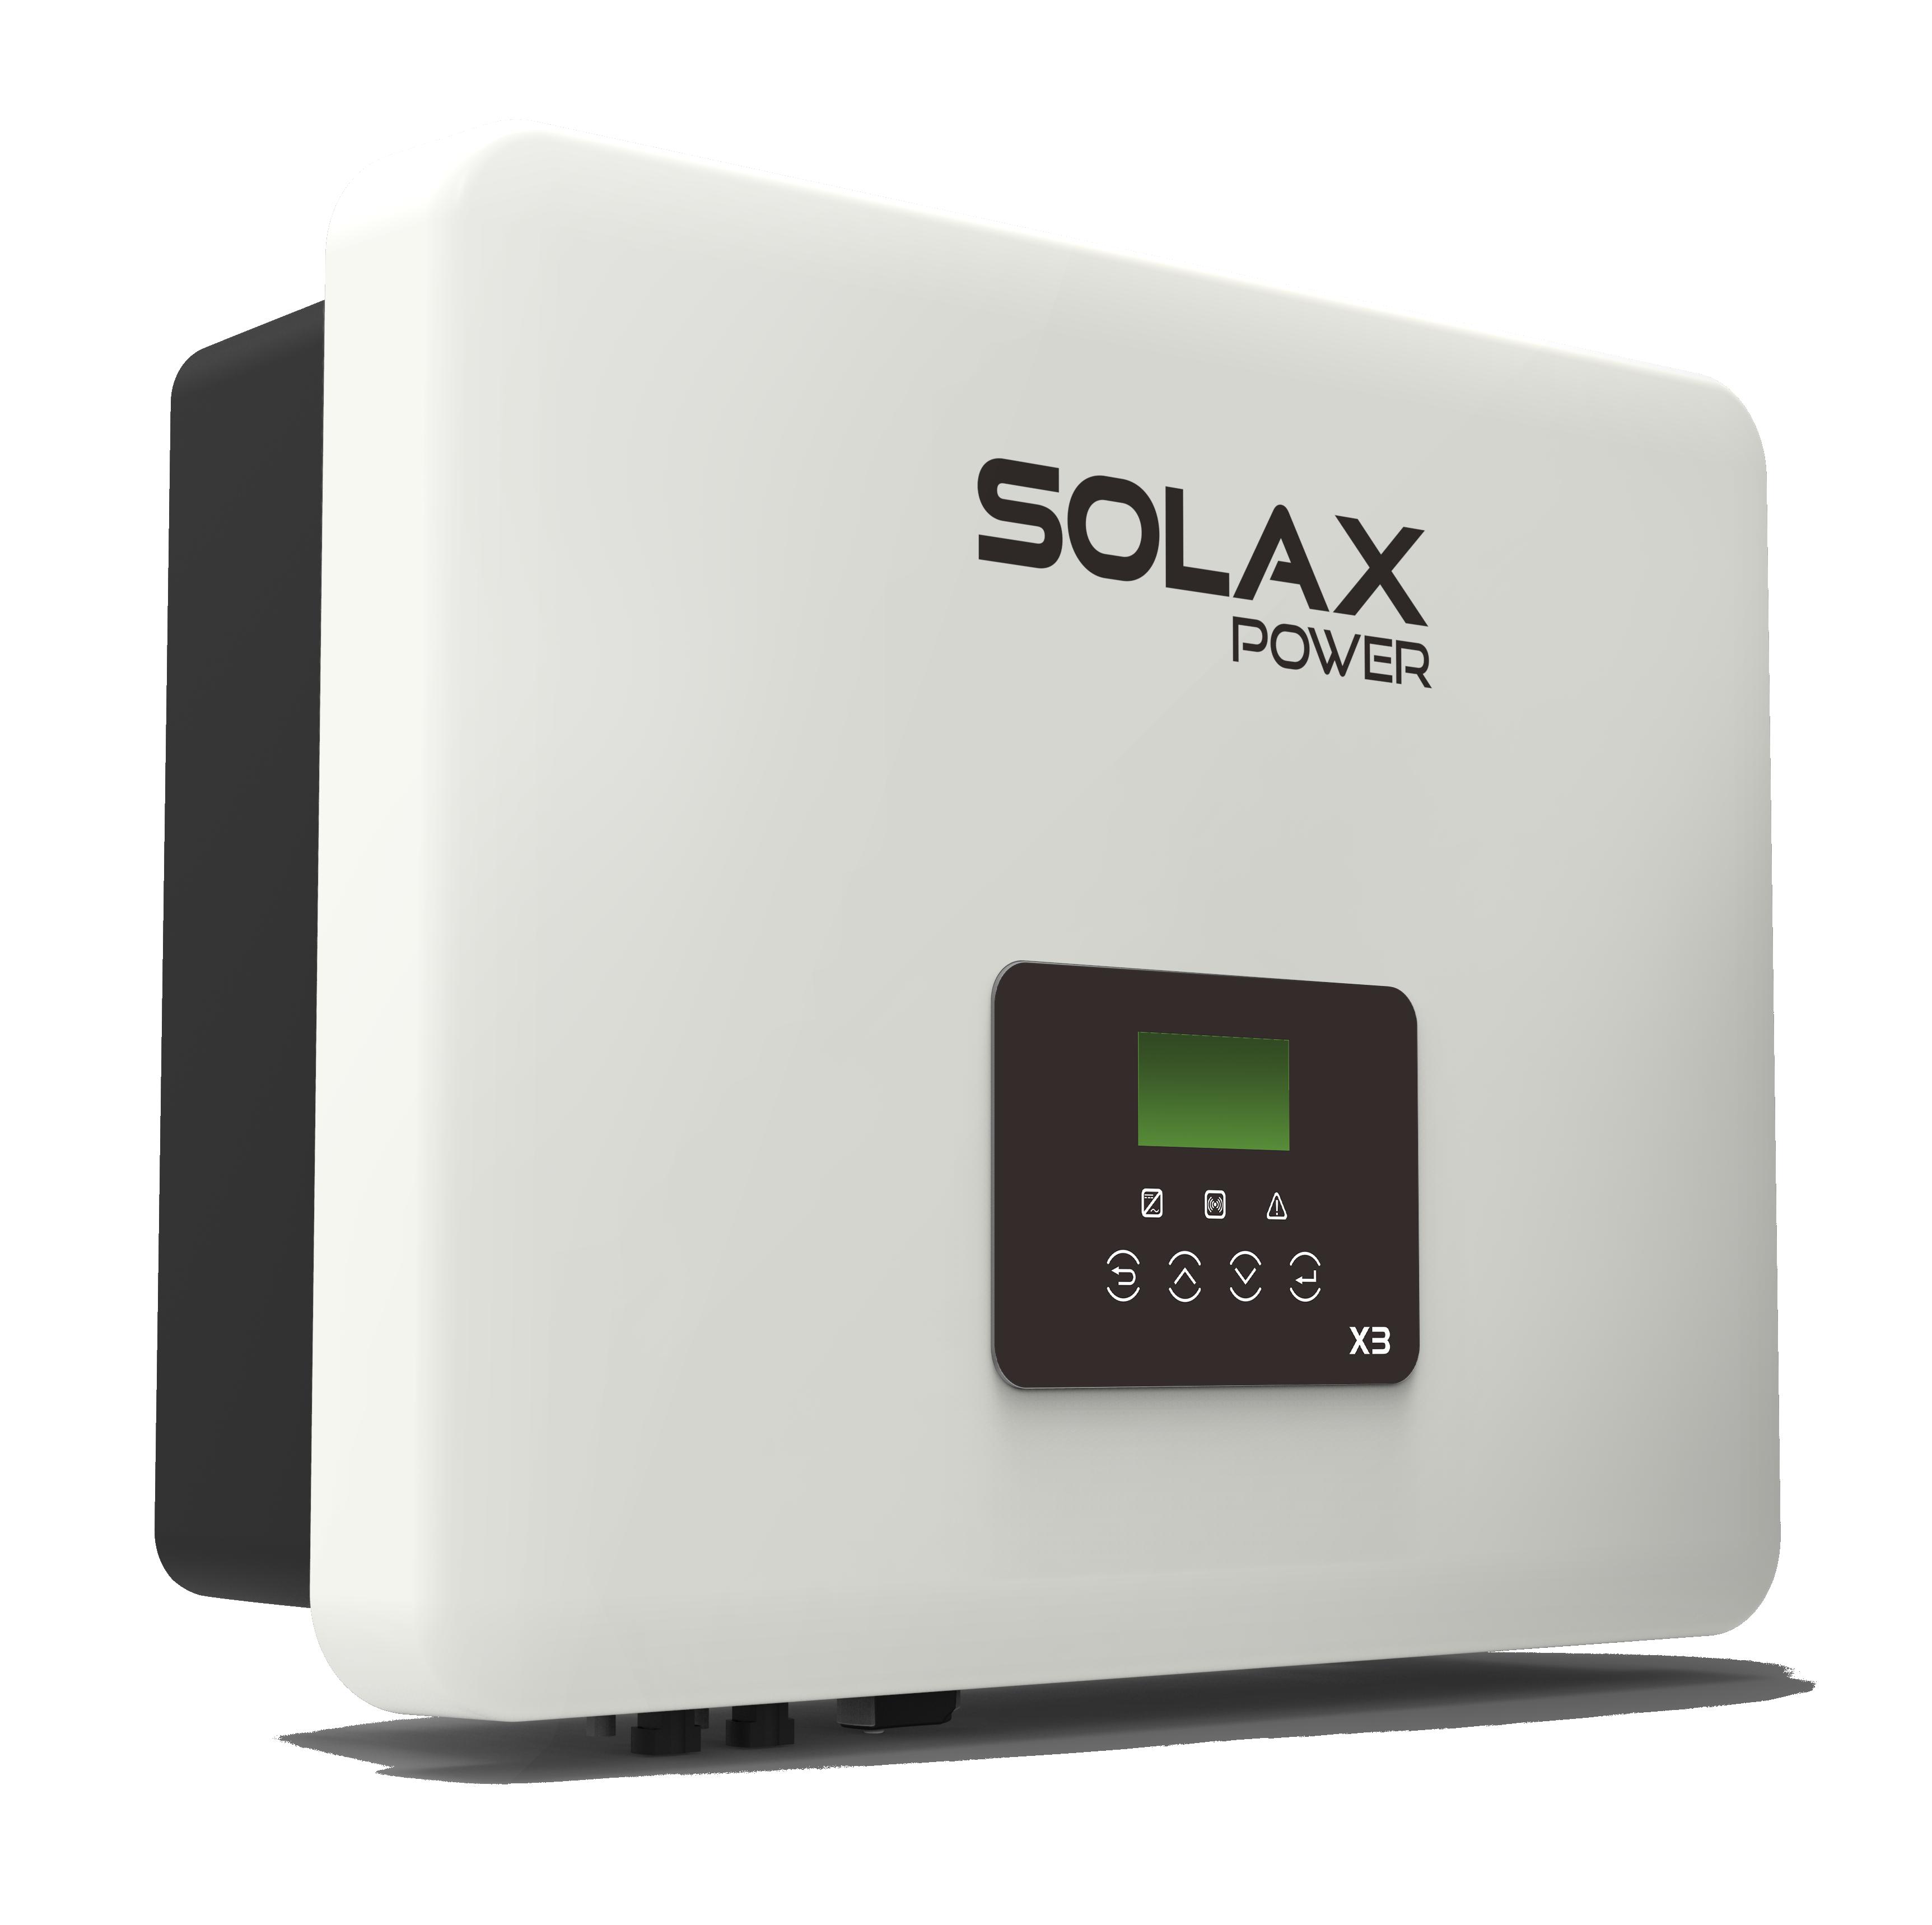 Solax Image